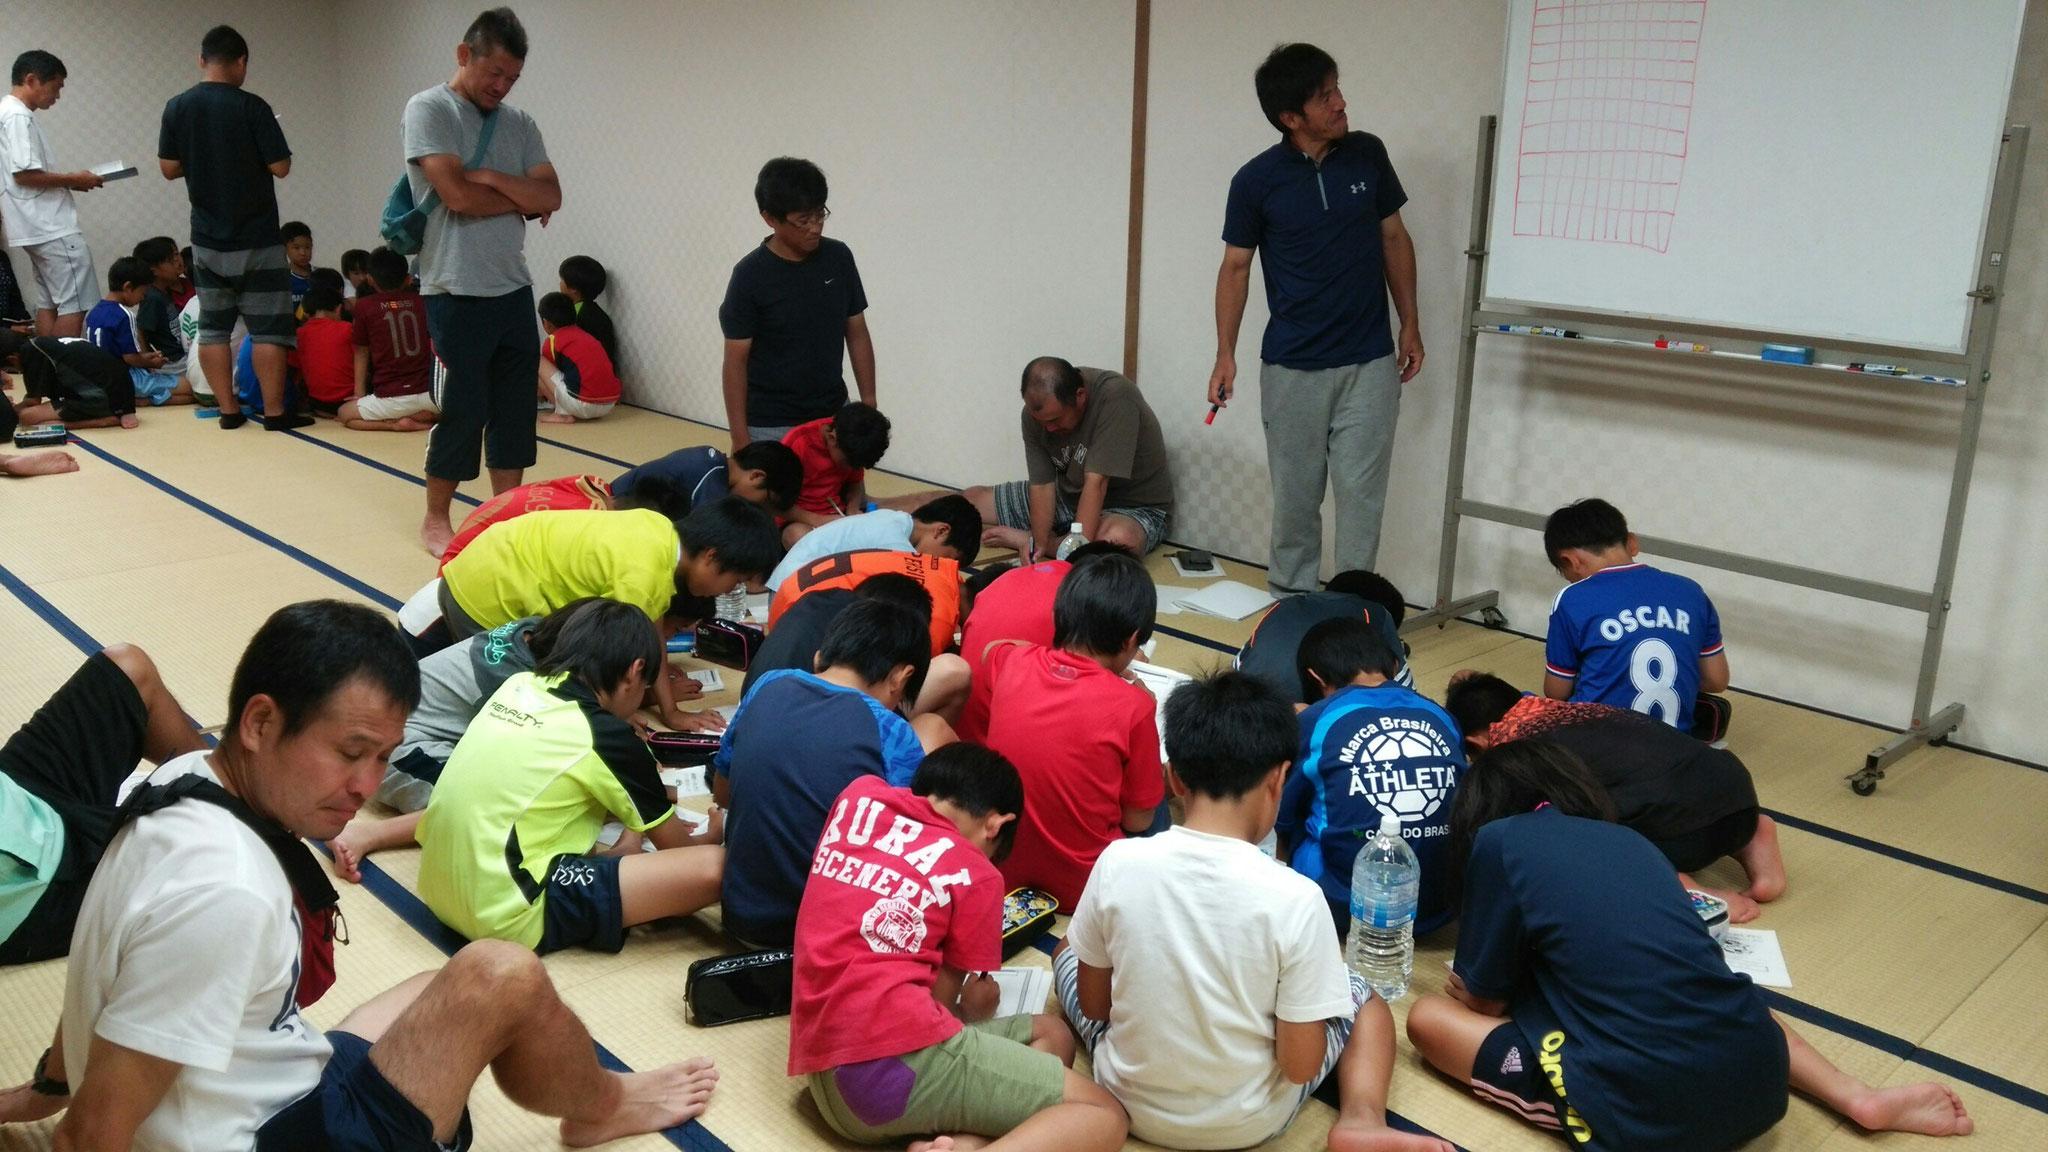 7/23 夏合宿 1日目 夜:ミーティング